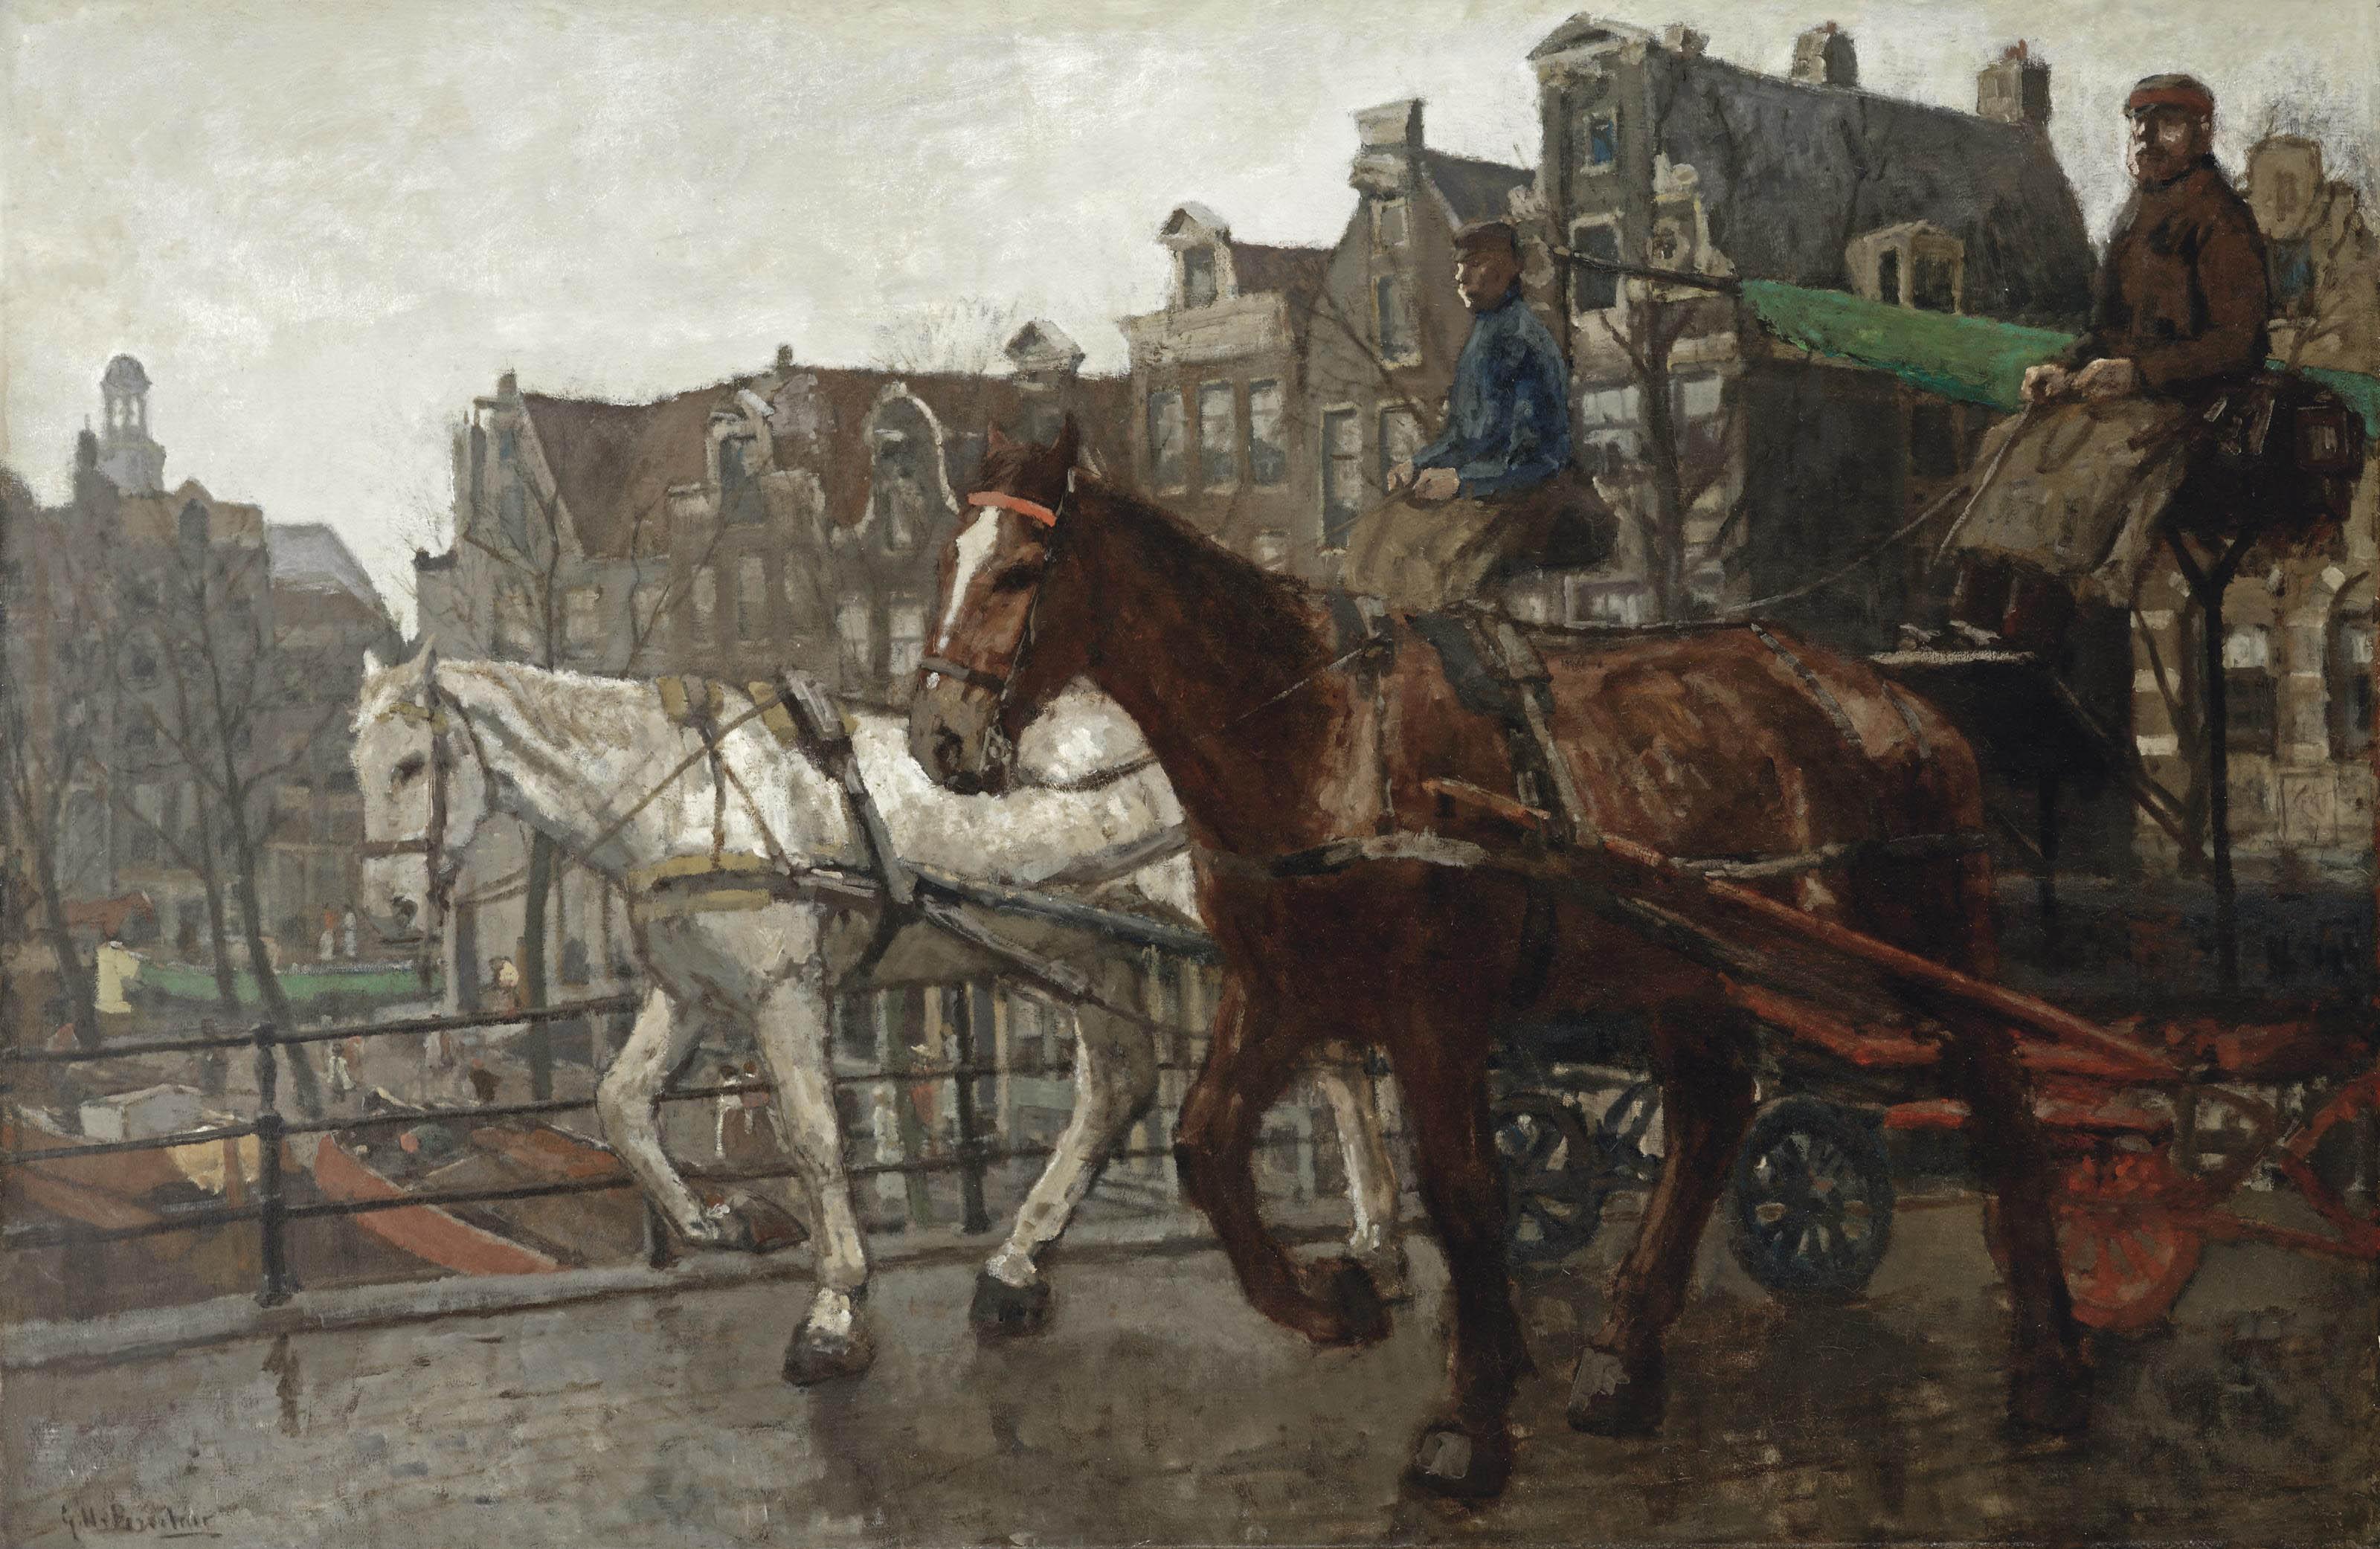 Eenhoornsluis; a view of the Prinsengracht and the Noorderkerk seen from the Eenhoornsluis, Amsterdam